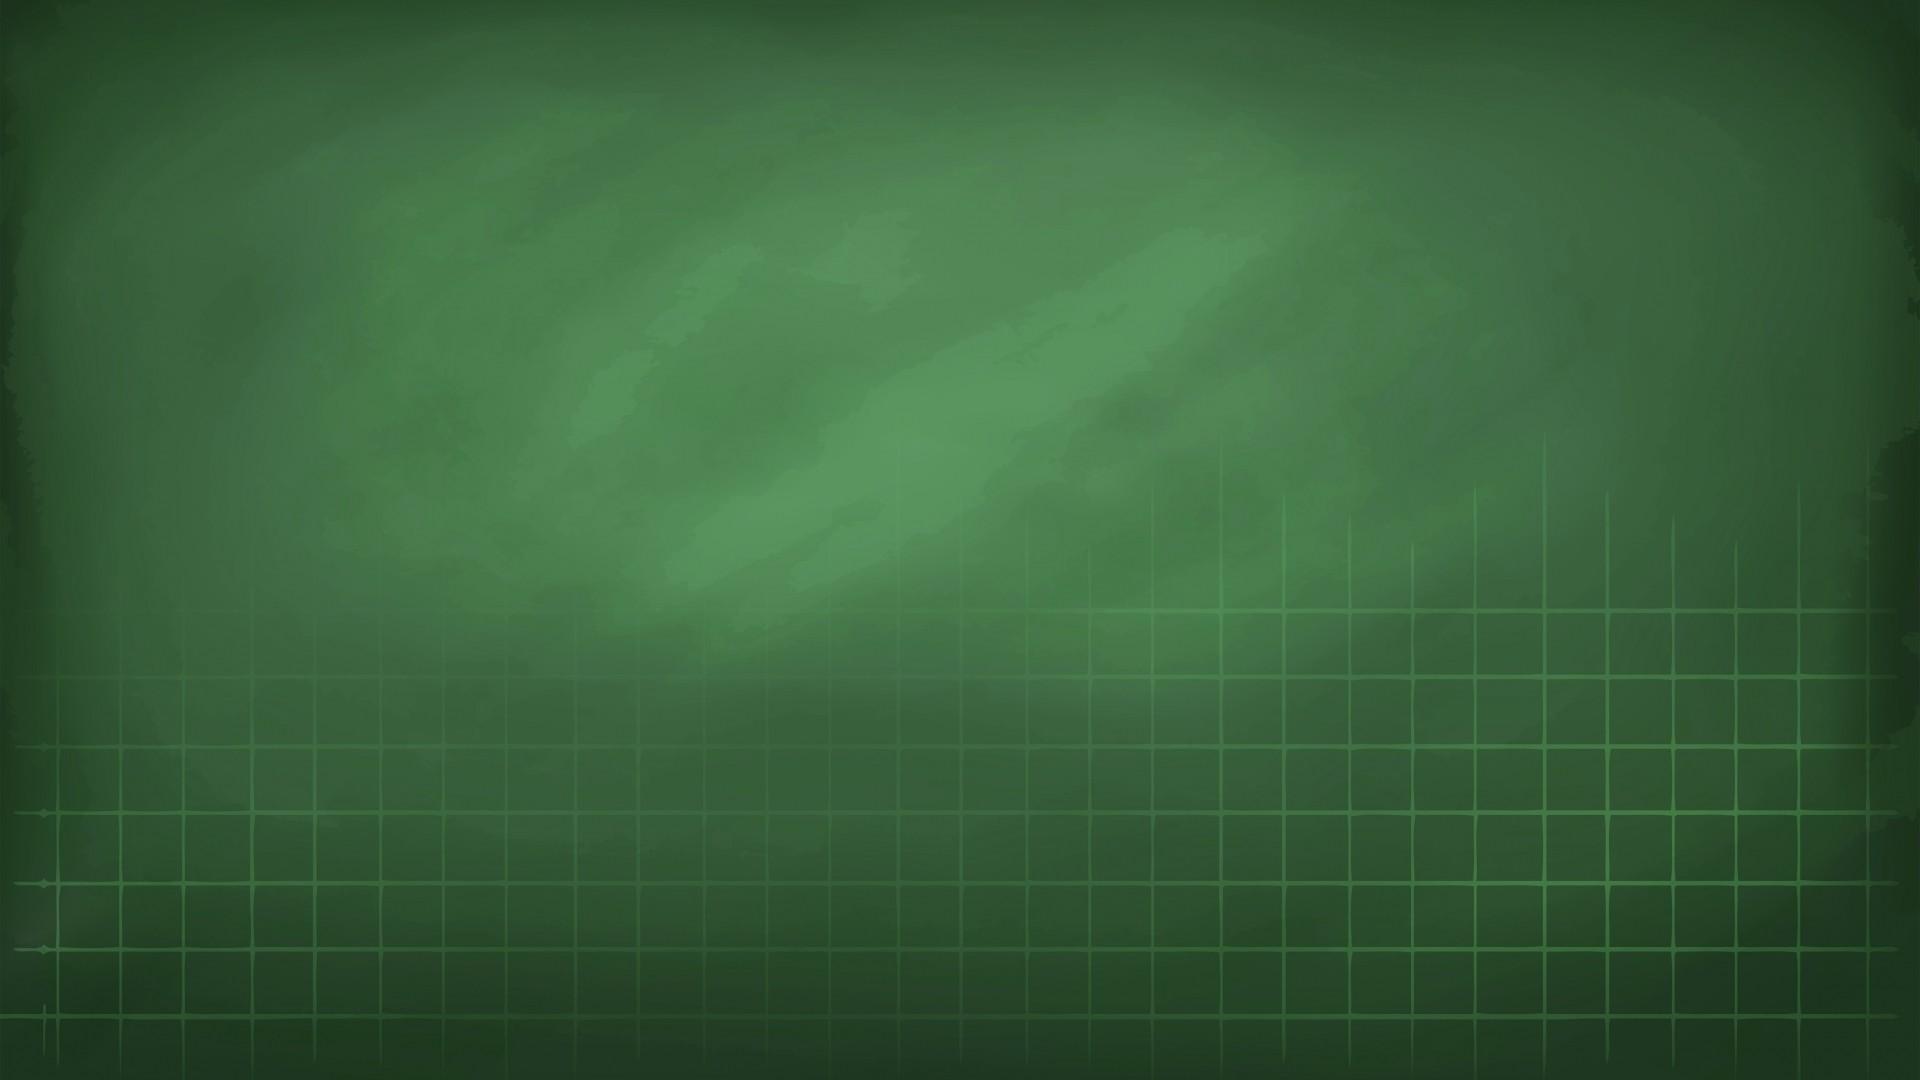 Chalkboard Desktop Wallpaper